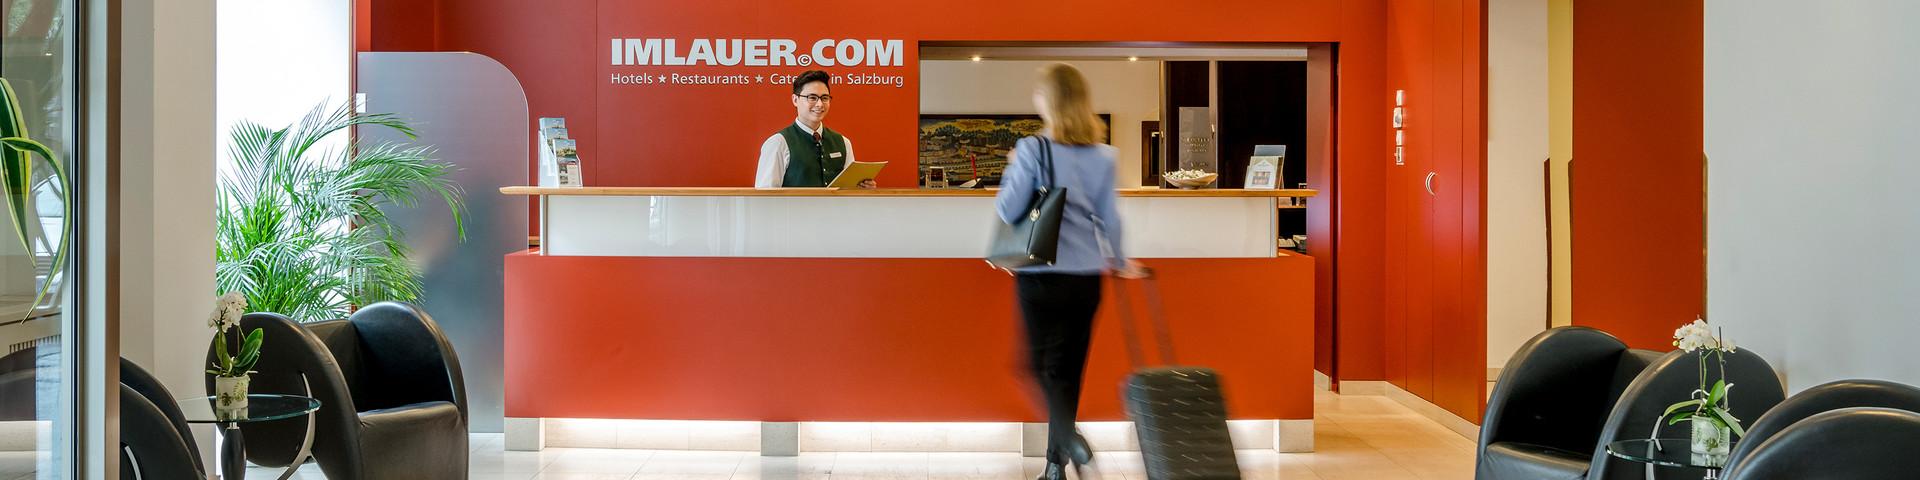 Hotel IMLAUER & Bräu Salzburg - Rezeption © IMLAUER Hotels & Restaurants